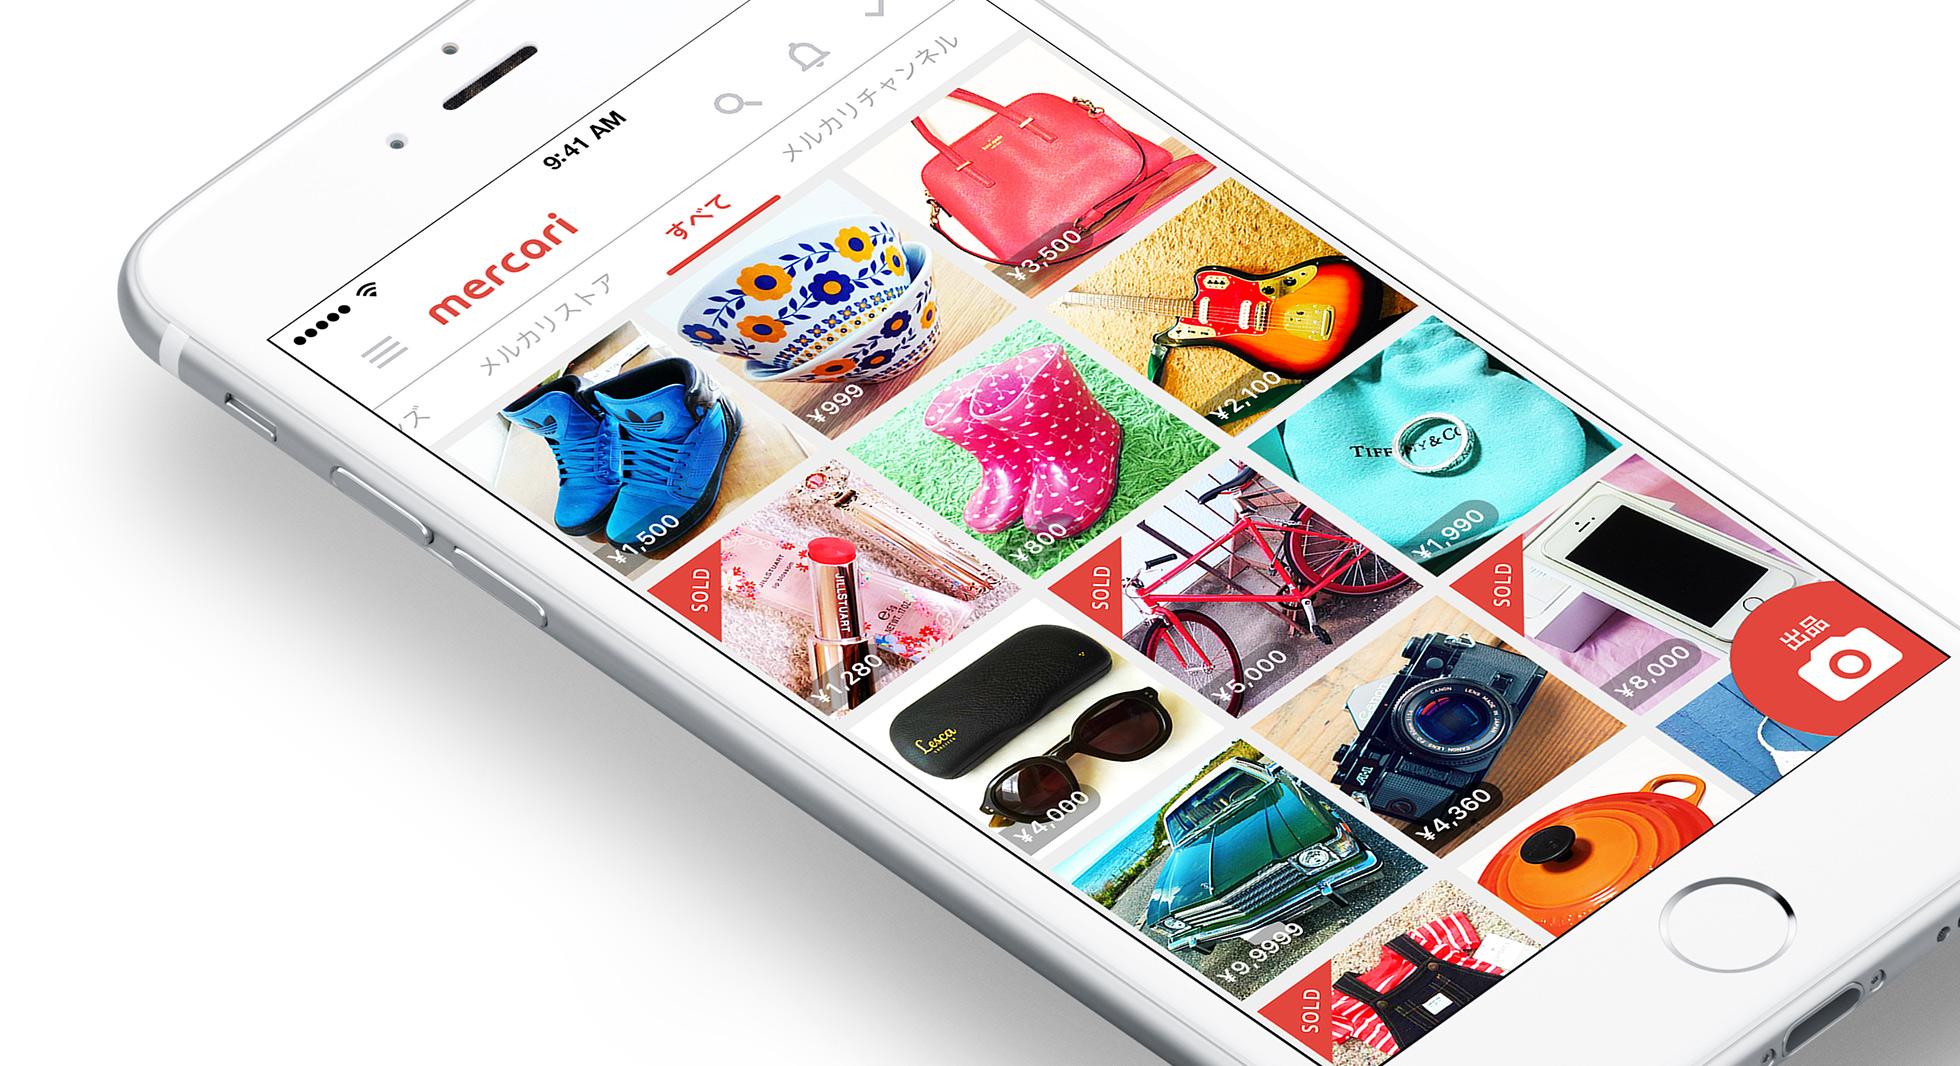 アイフォンにメルカリの画面が表示されている画像